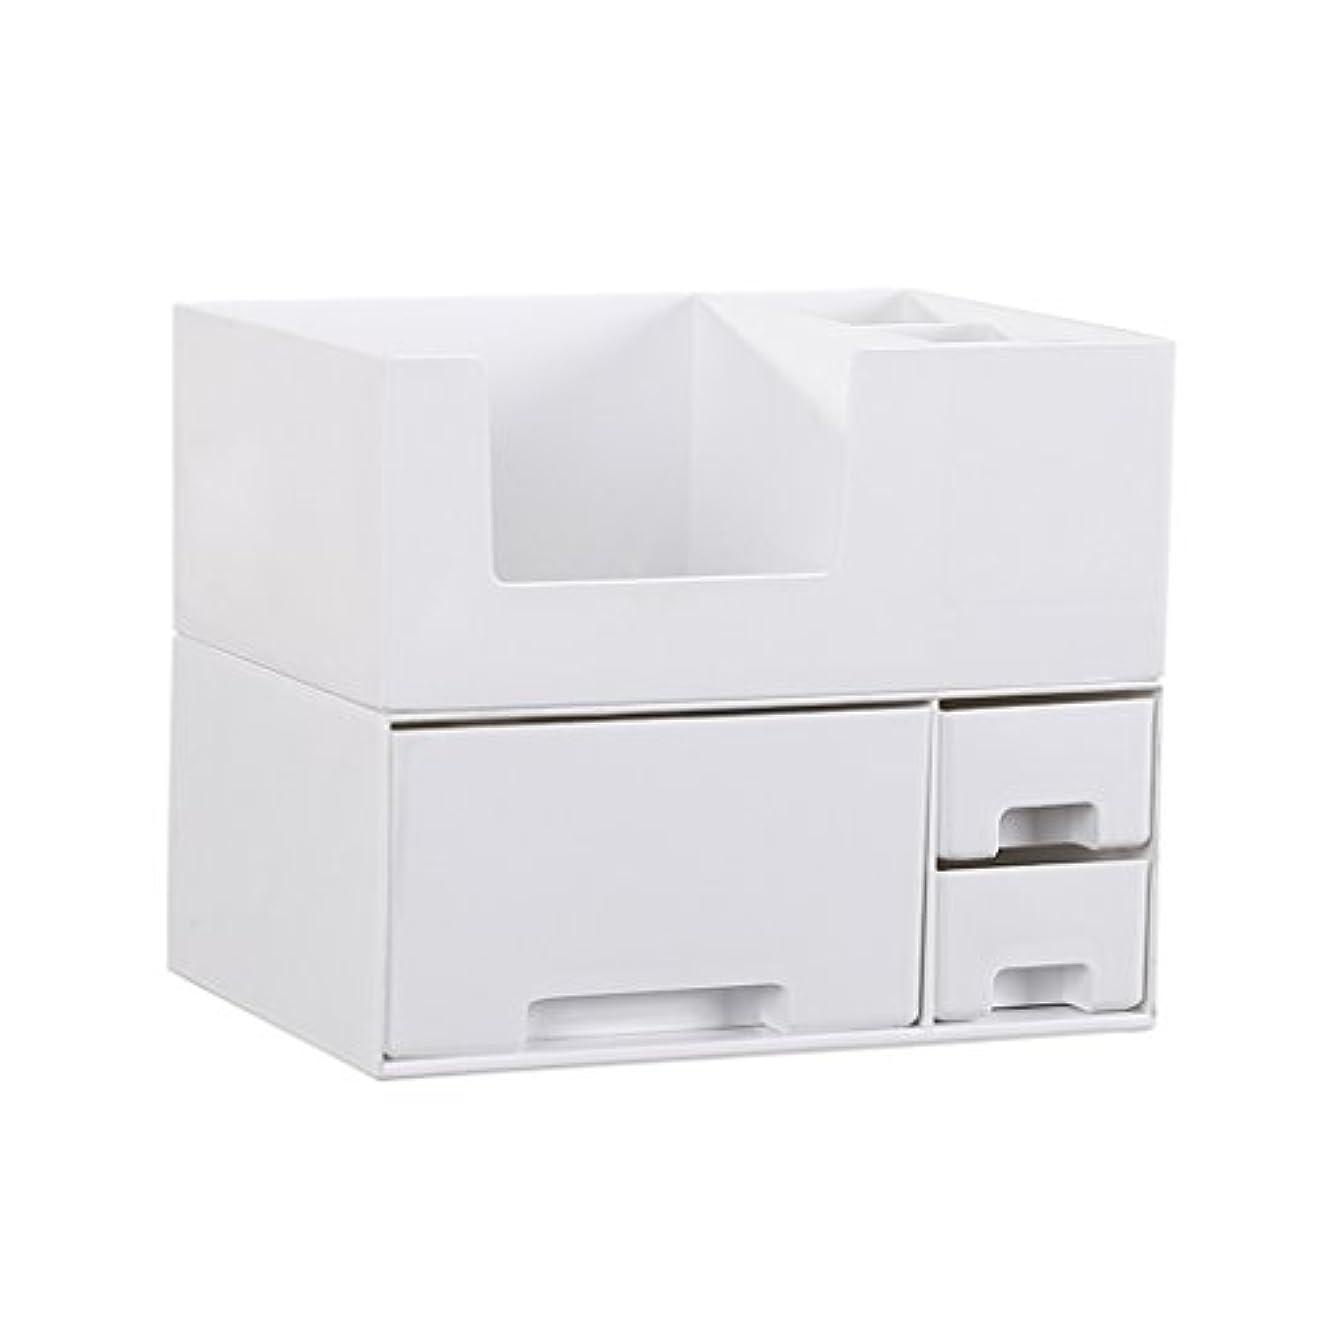 アセンブリ混乱させるストロークデスクトップ化粧品収納ボックス、スキンケア製品、フェイシャルマスク、ジュエリー、収納ラック、白い2階建て多目的収納ボックス